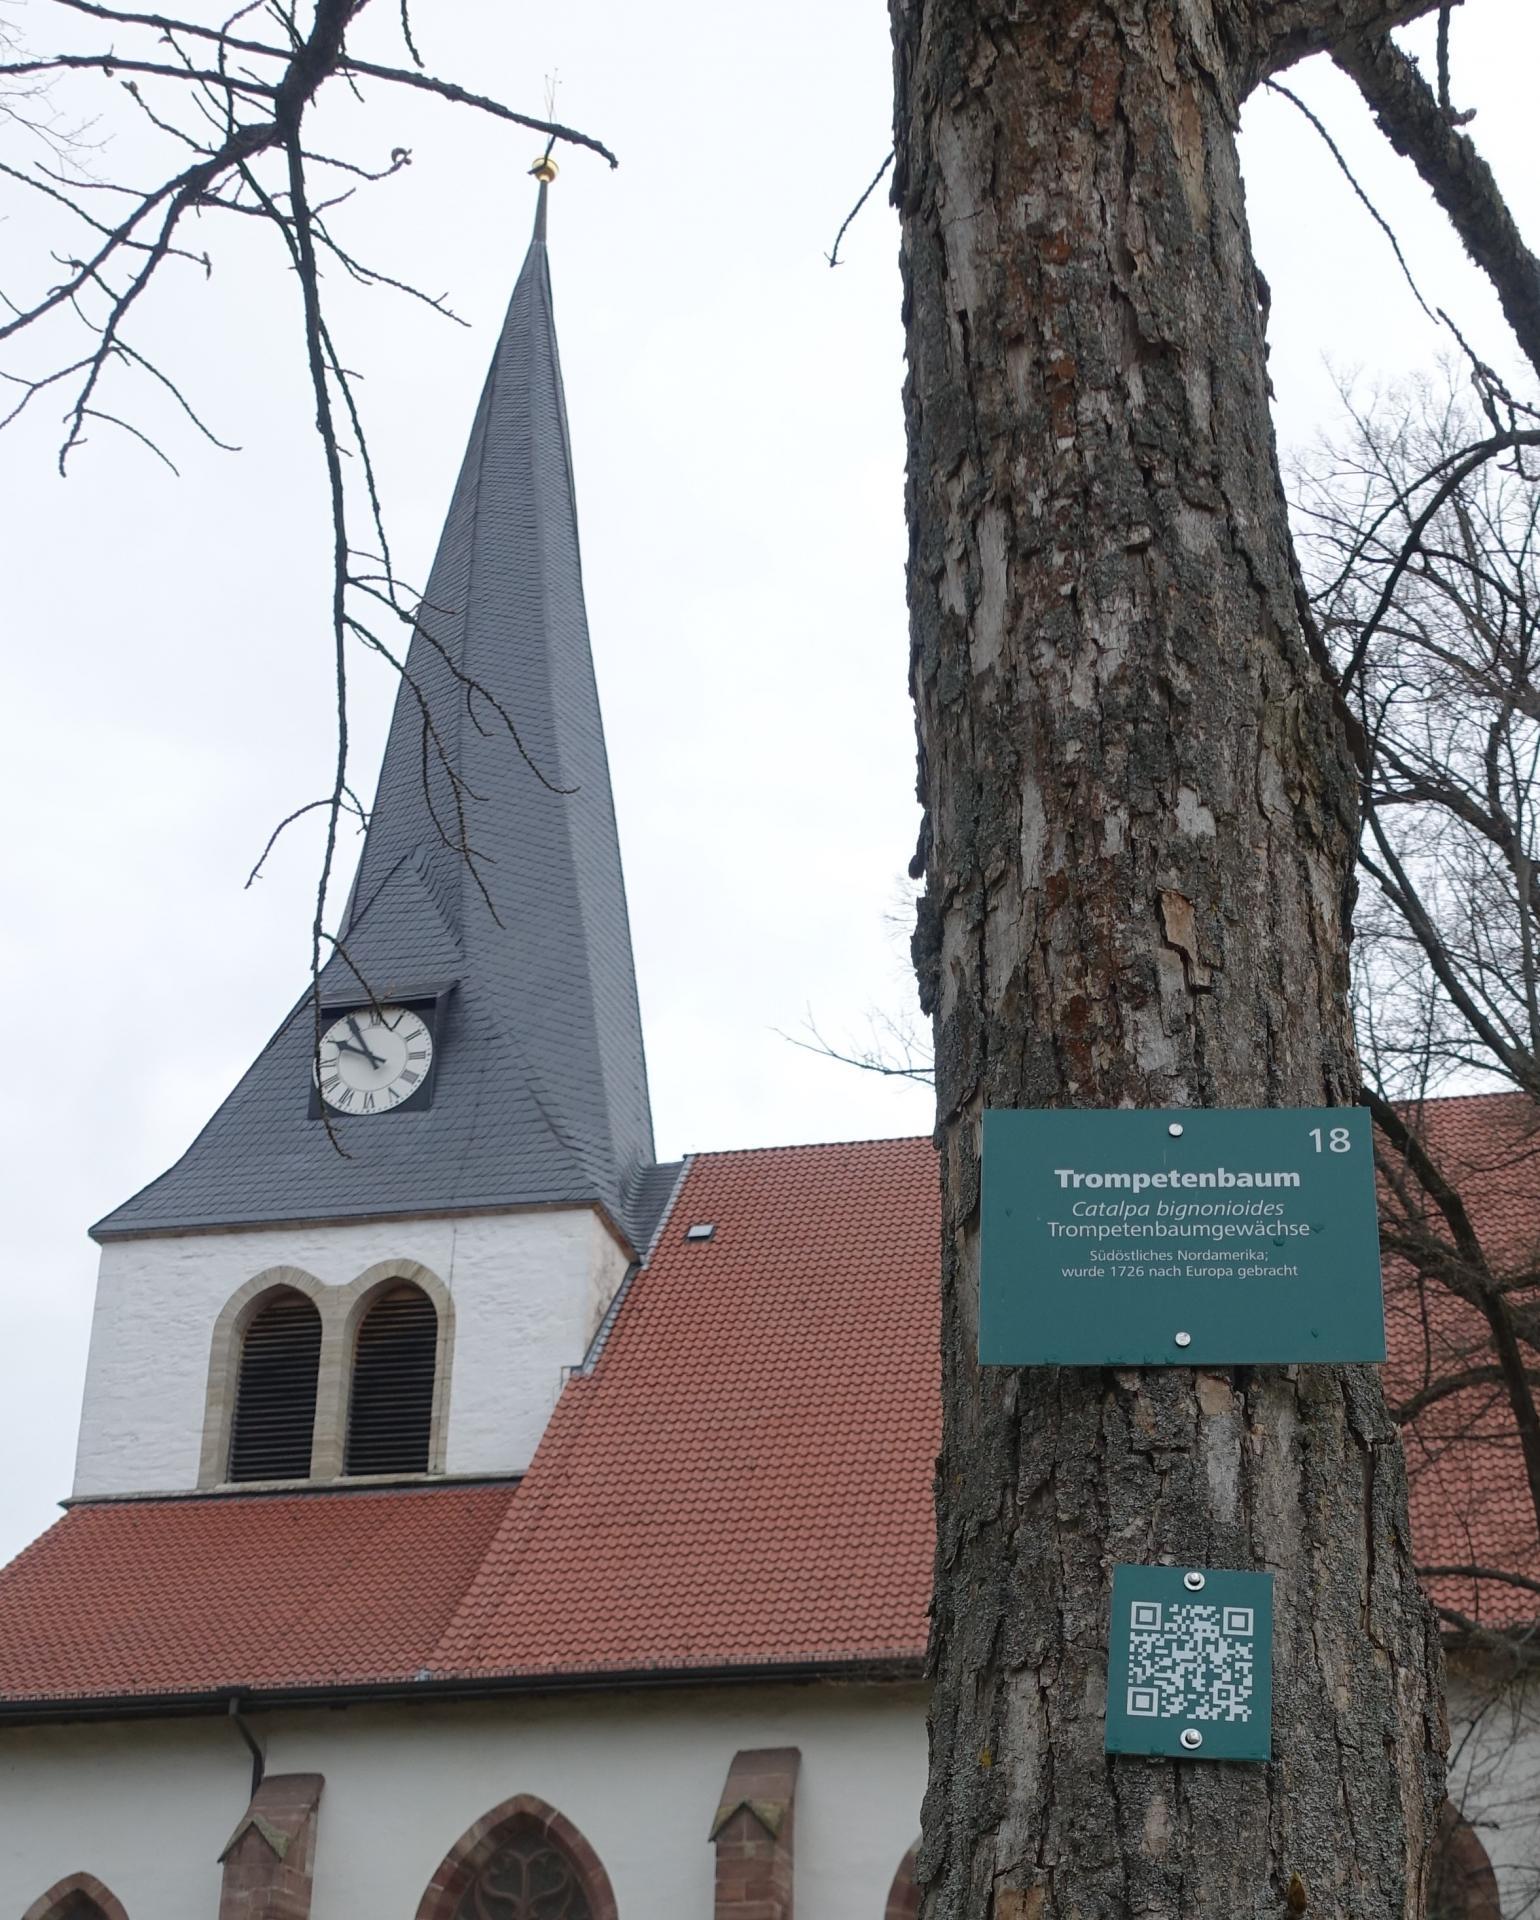 Ein Trompetenbaum mit kirchlichem Hintergrund